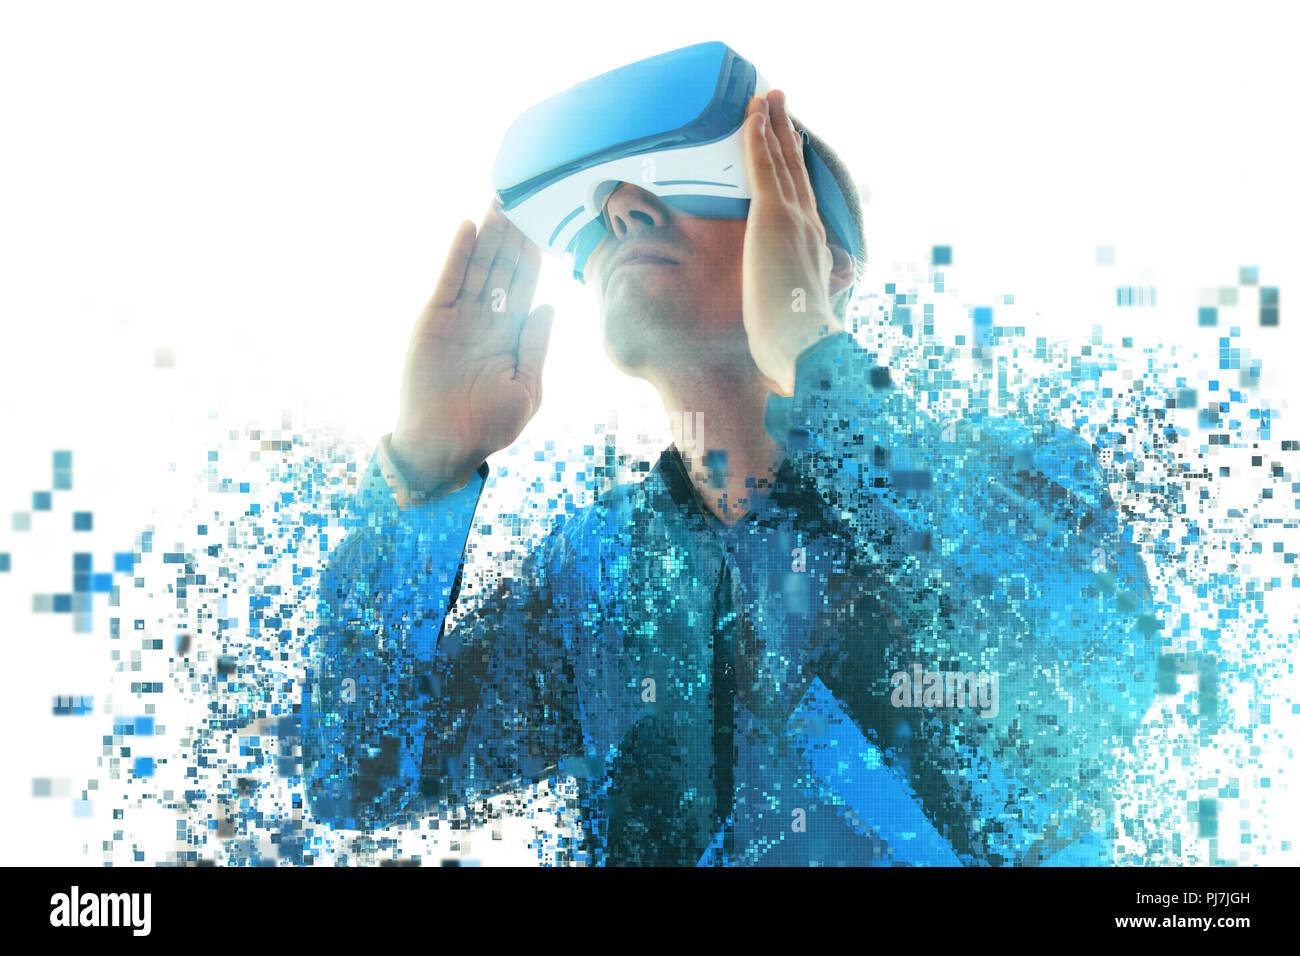 Una persona en gafas de realidad virtual vuela a píxeles. El concepto de nuevas tecnologías y tecnologías del futuro.VR gafas. Imagen De Stock